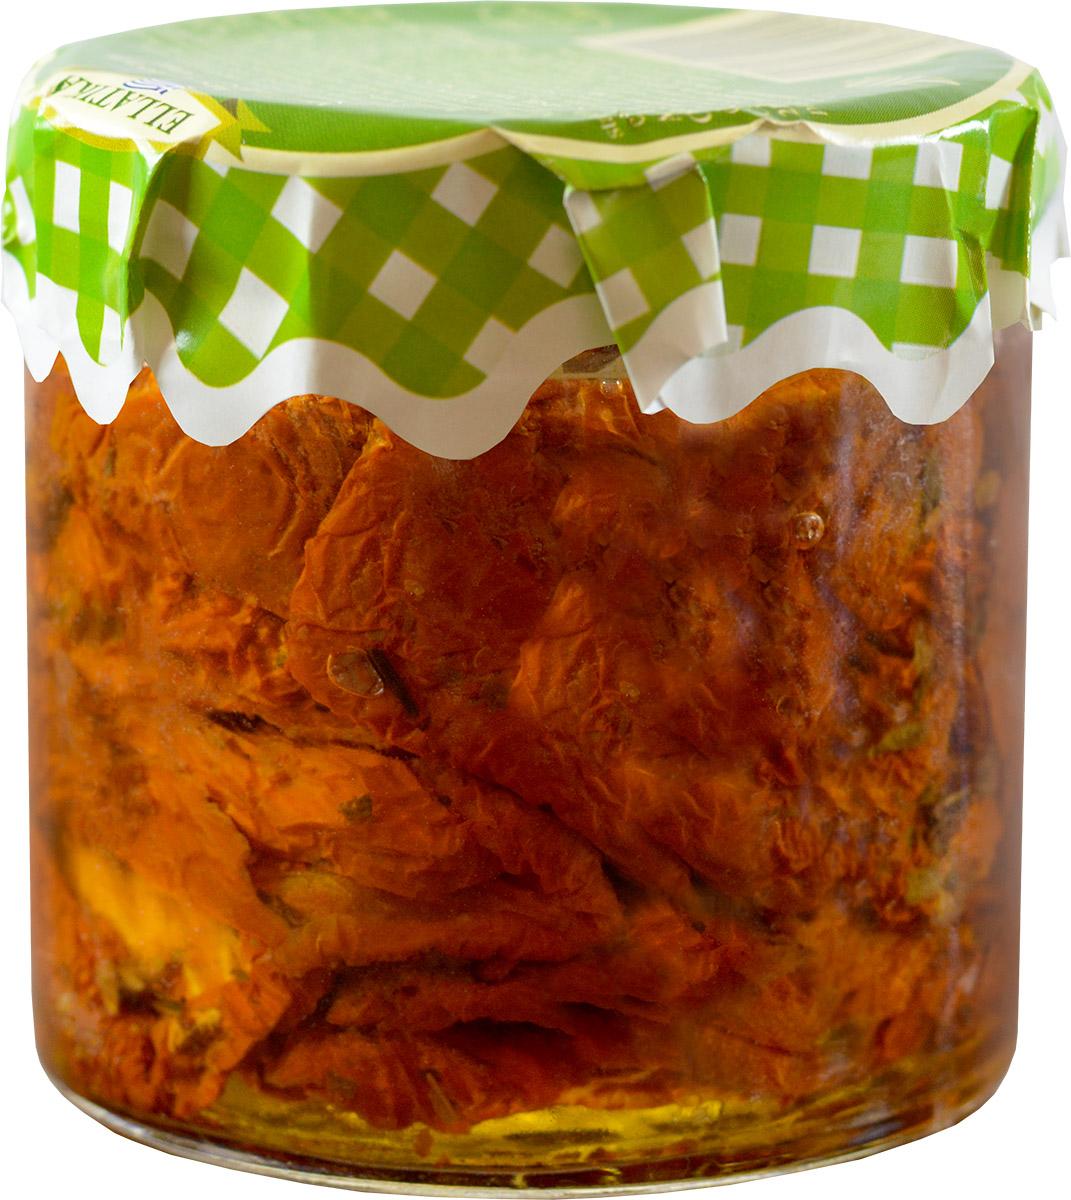 Ellatika вяленые томаты в масле, 210 г100217000868Холодные и горячие закуски - это небольшие и легкие блюда, которые подаются в средиземноморском регионе как аперитив. Такие закуски также хорошо подойдут к напиткам, добавляя им особенный вкус.Эти блюда, со свежими и натуральными ингредиентами подаются на средиземноморский стол уже в течение нескольких поколений и являются традиционными. Свежие салаты, фаршированные виноградные листья, жаренные на огне сладкие перцы, вяленные помидоры, сочные соусы, пирожки из шпината и маринованные овощи вместе на одном столе.